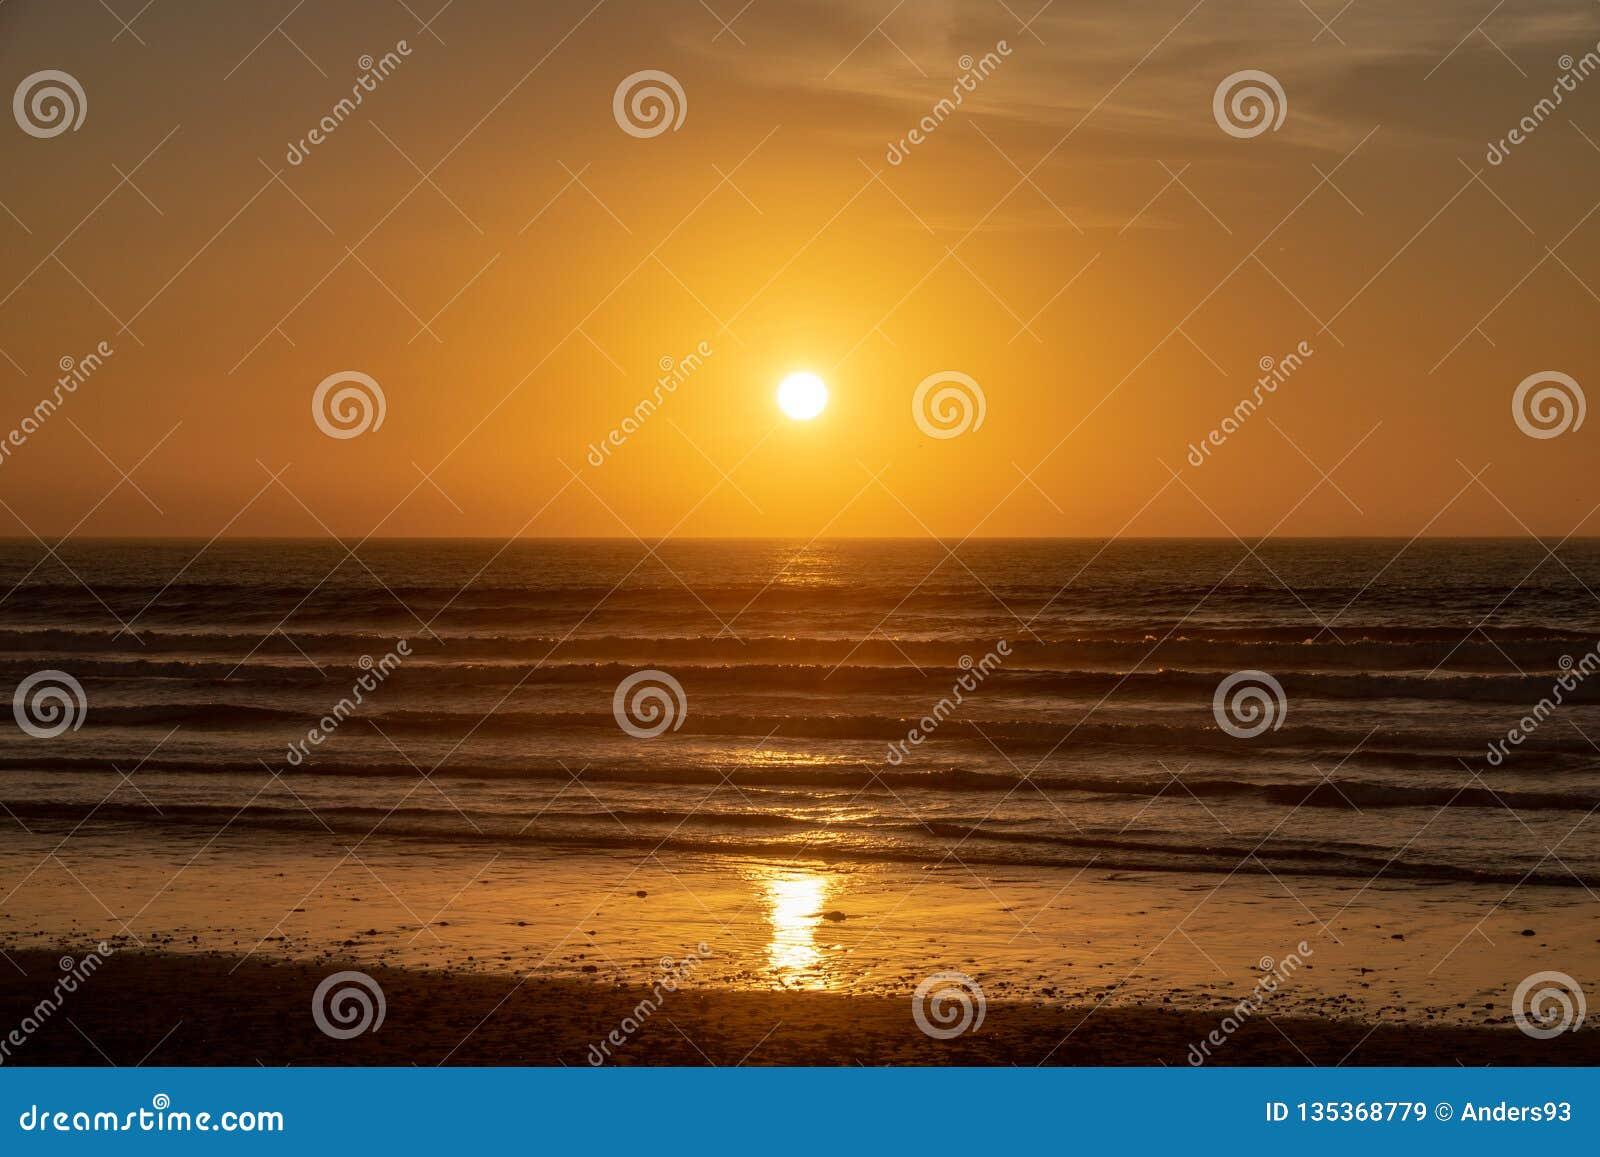 Sunset over the Atlantic Ocean from Agadir Beach, Morocco, Africa